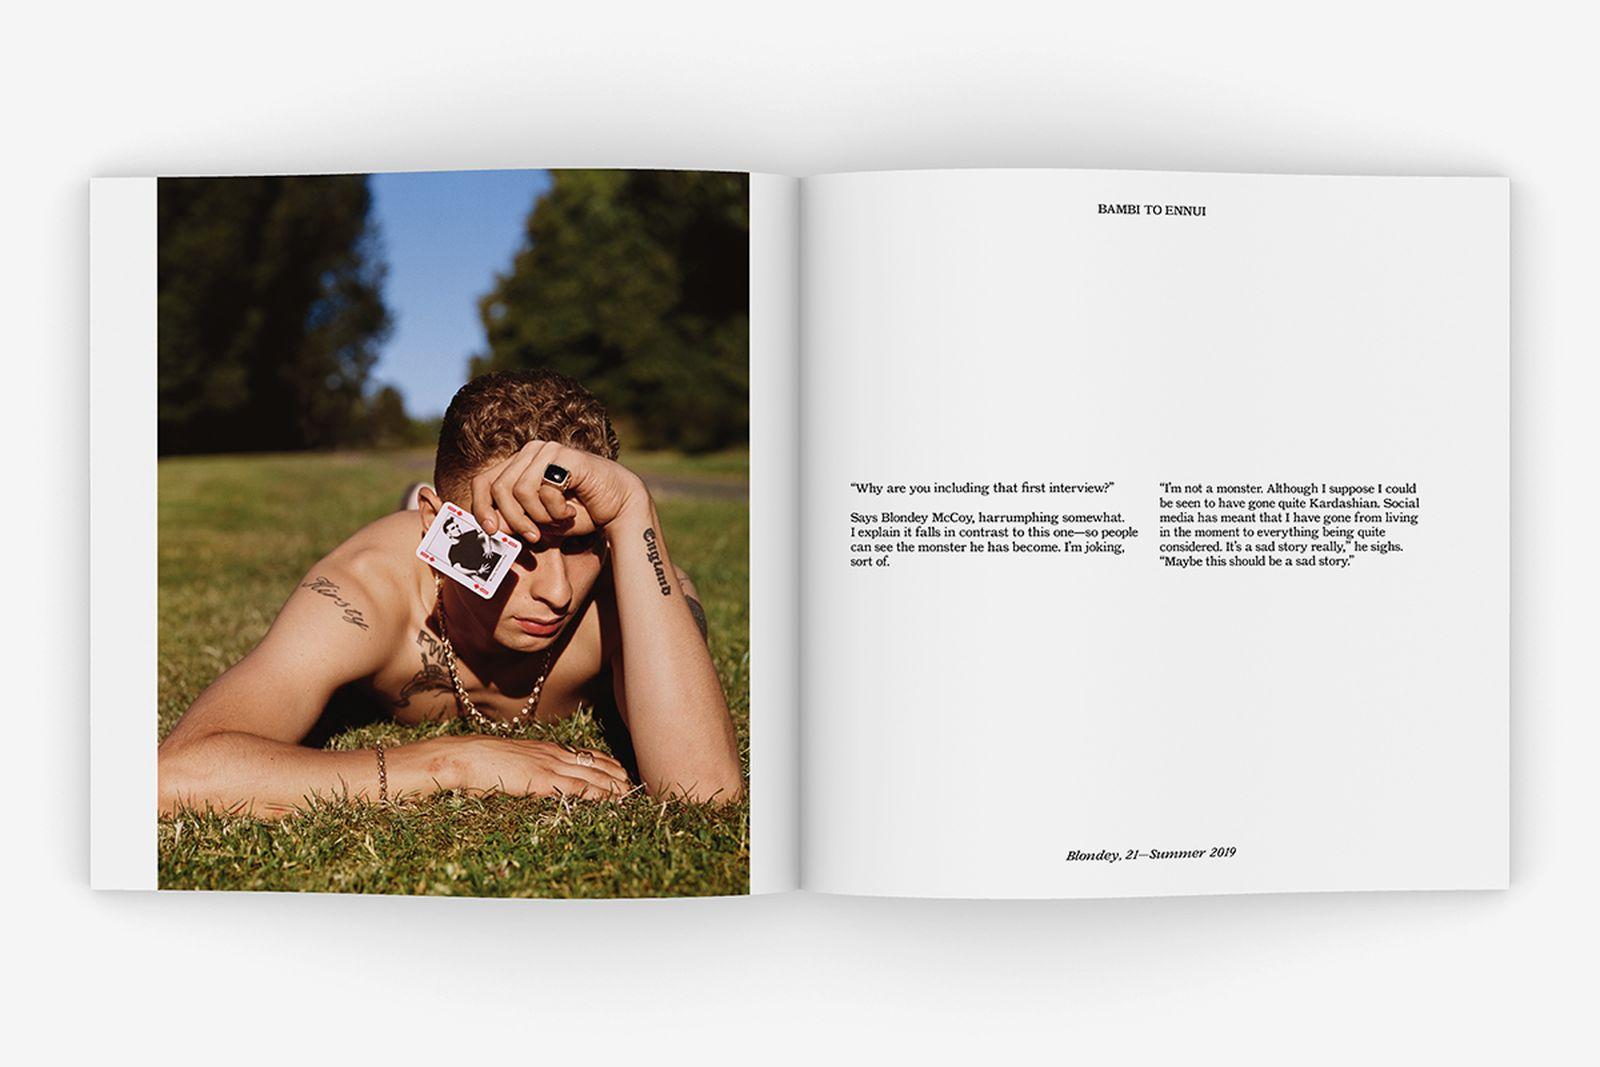 blondey mccoy book 1 Blondey 15-21 alasdair mclellan